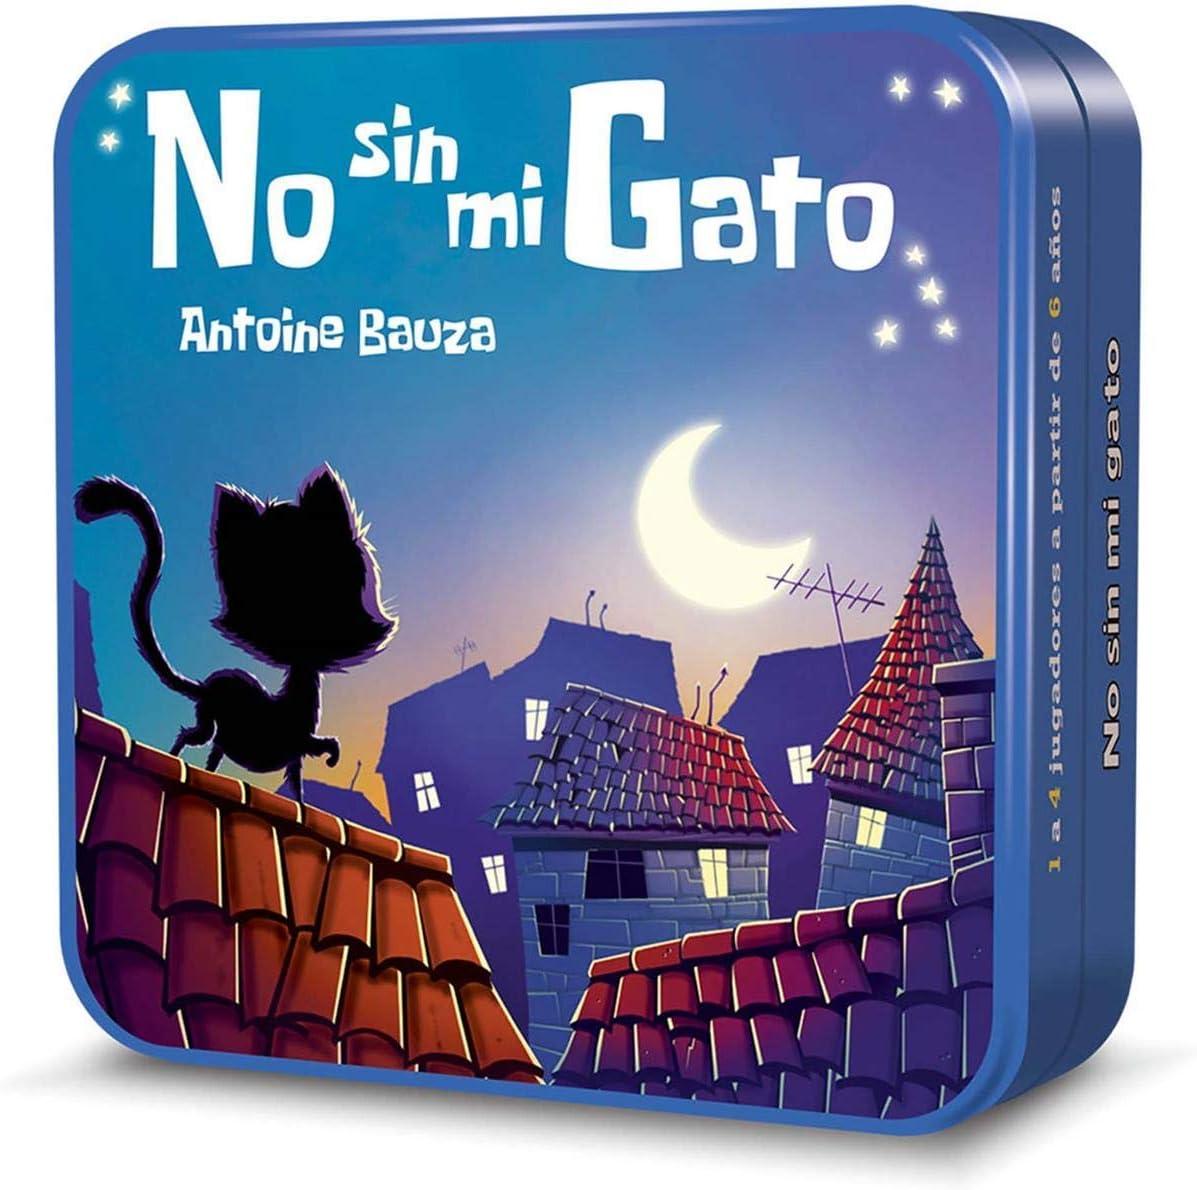 Cocktail Games-No sin mi Gato, Multicolor (Asmodee 1): Amazon.es: Juguetes y juegos